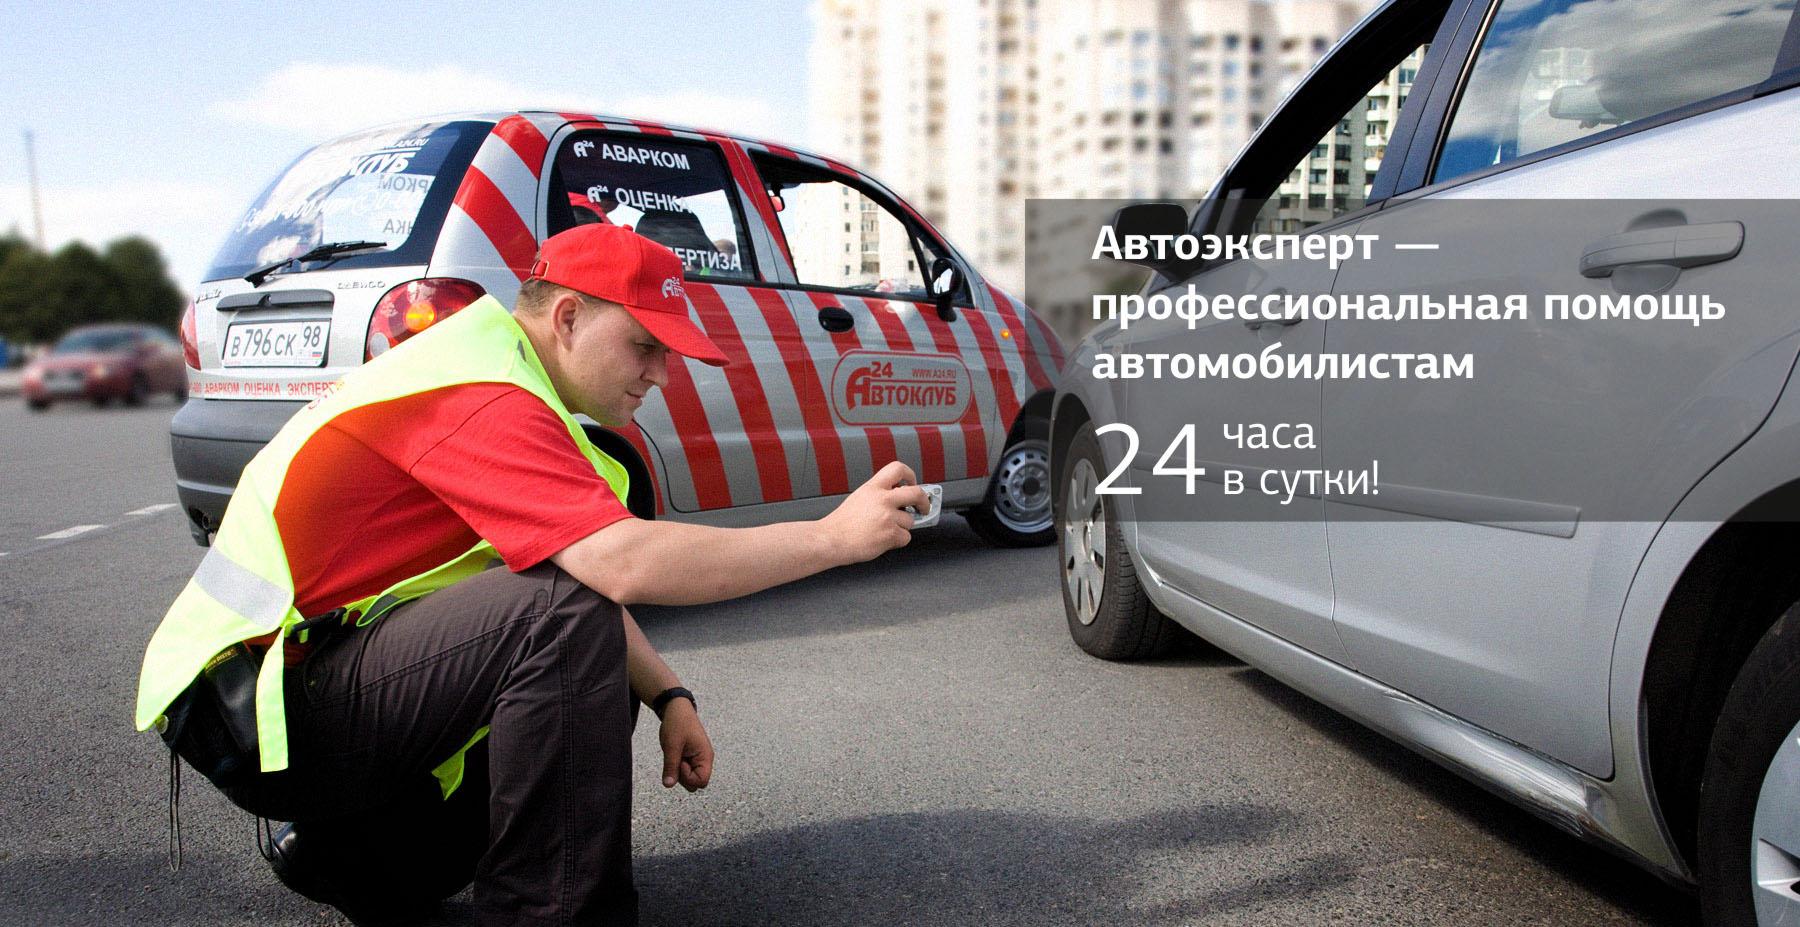 Помощь автомобилистам при дтп